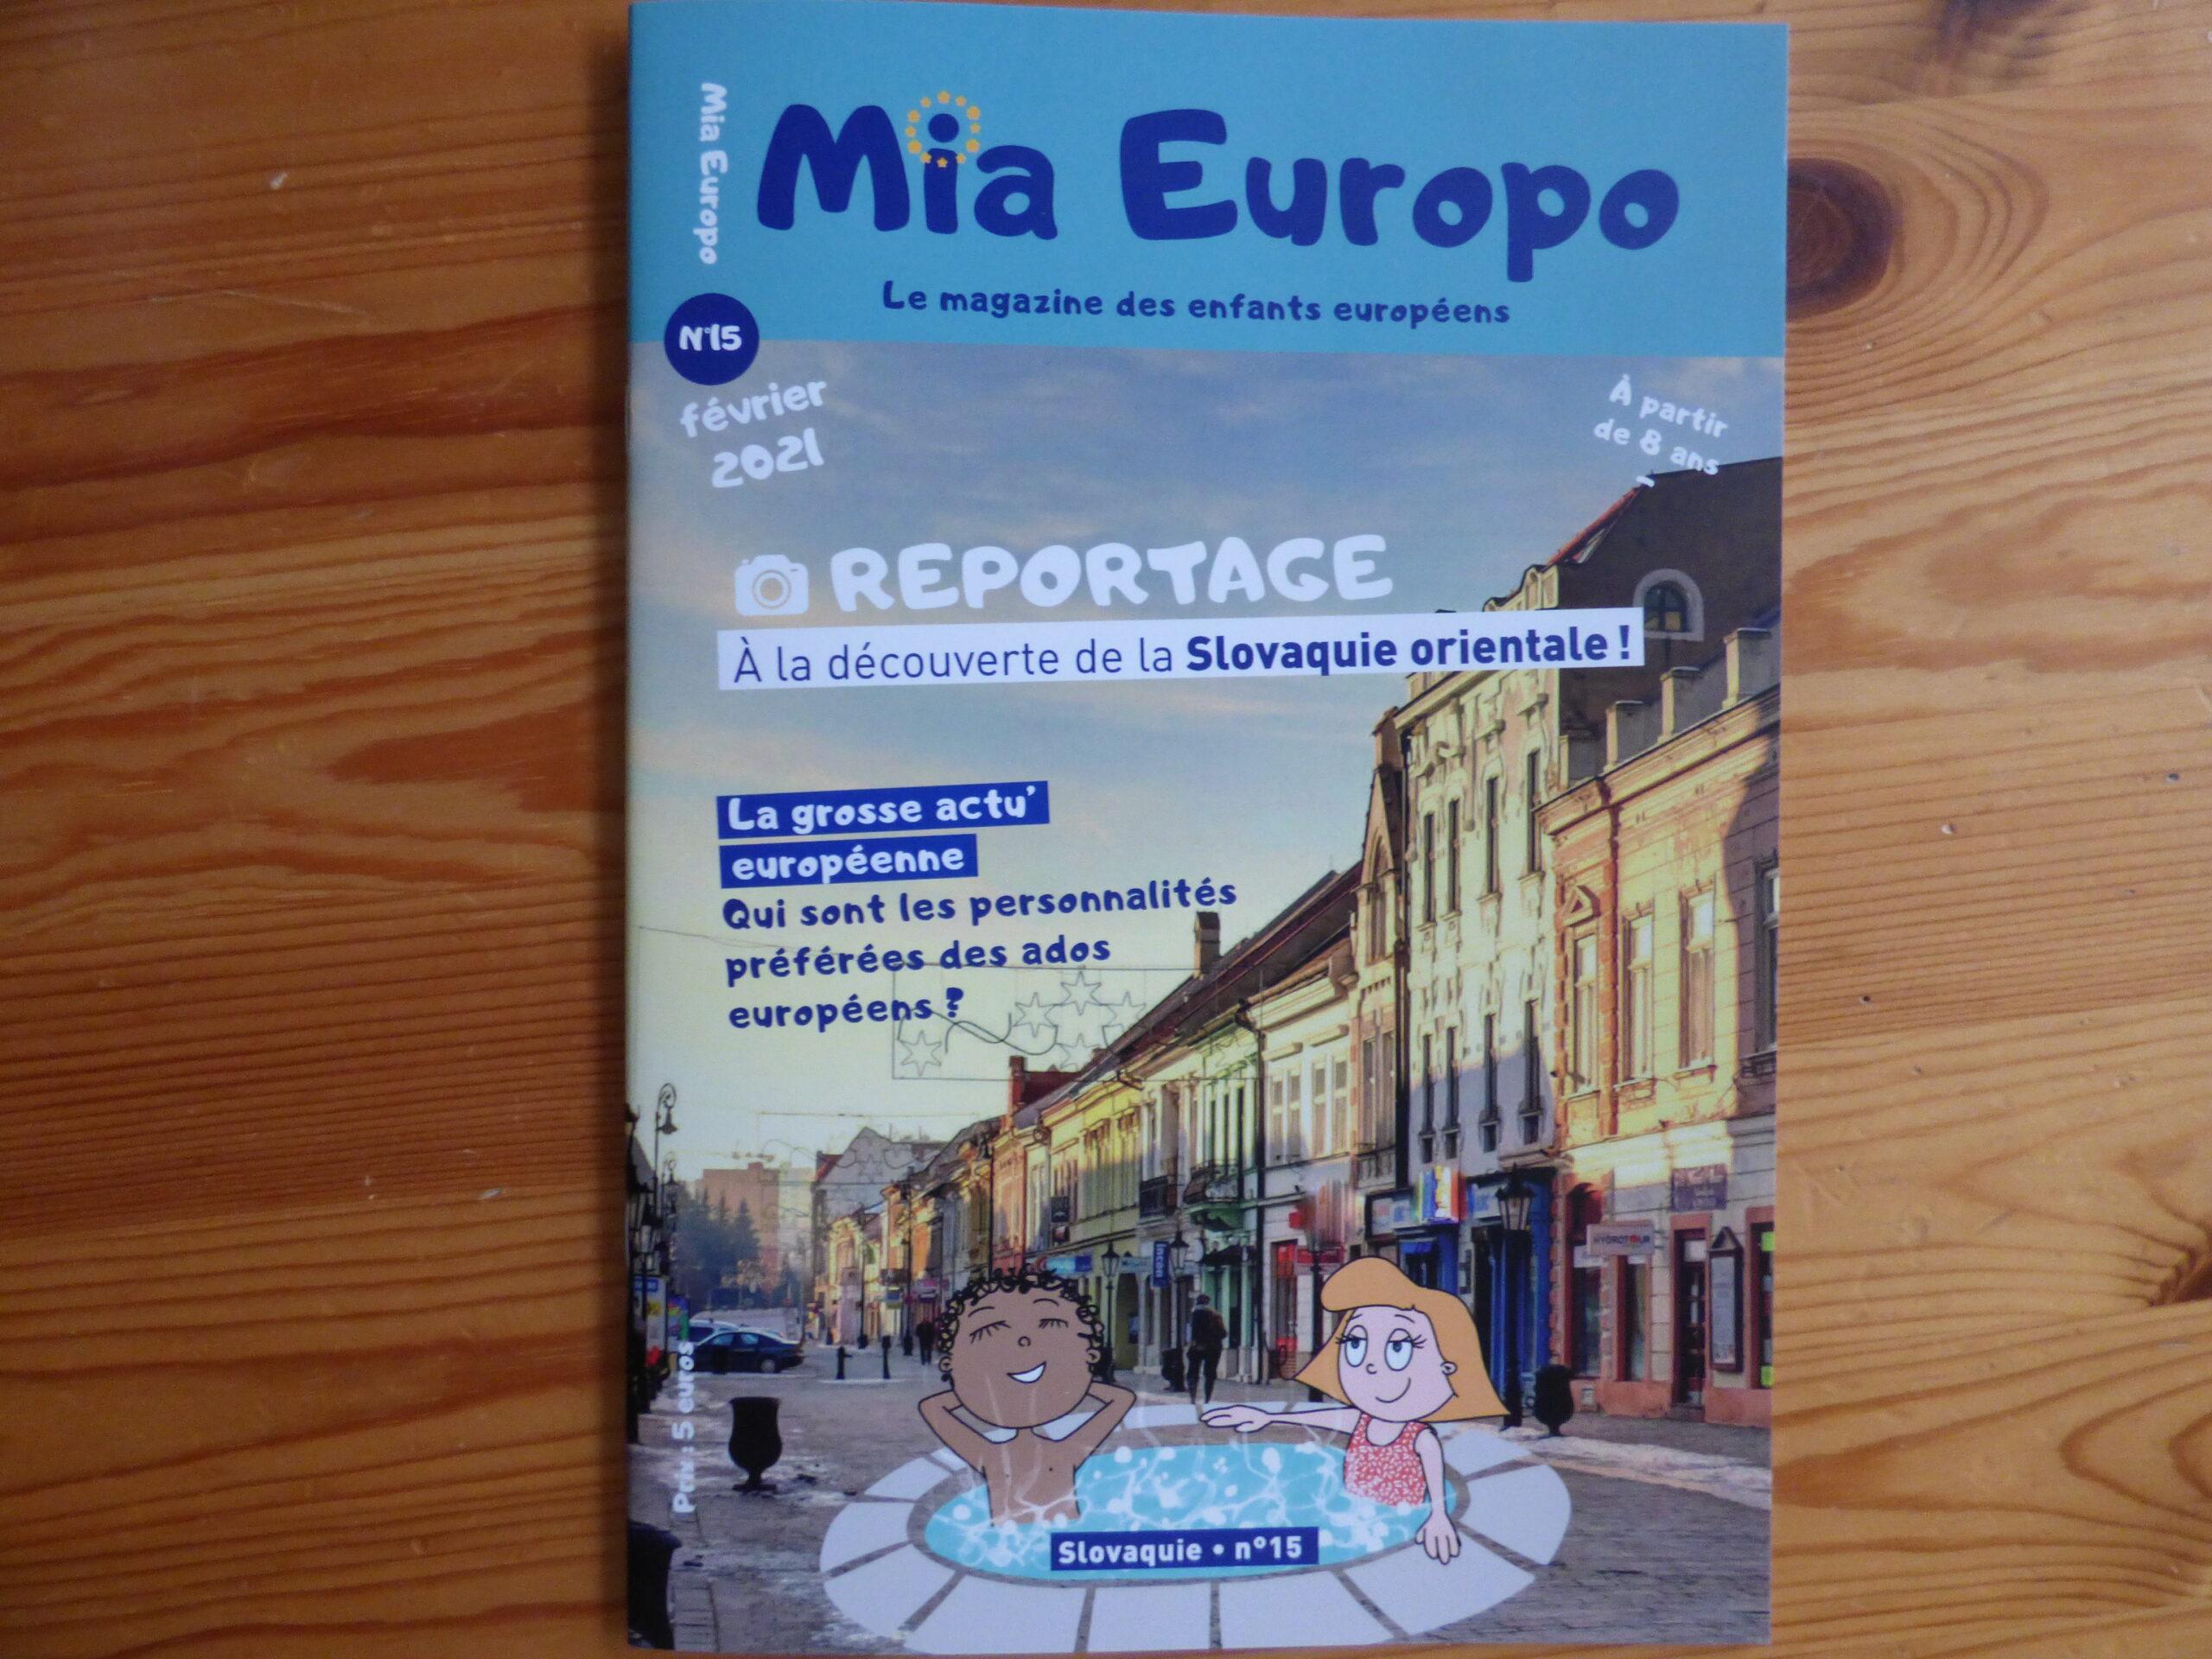 Mia Europo en Slovaquie